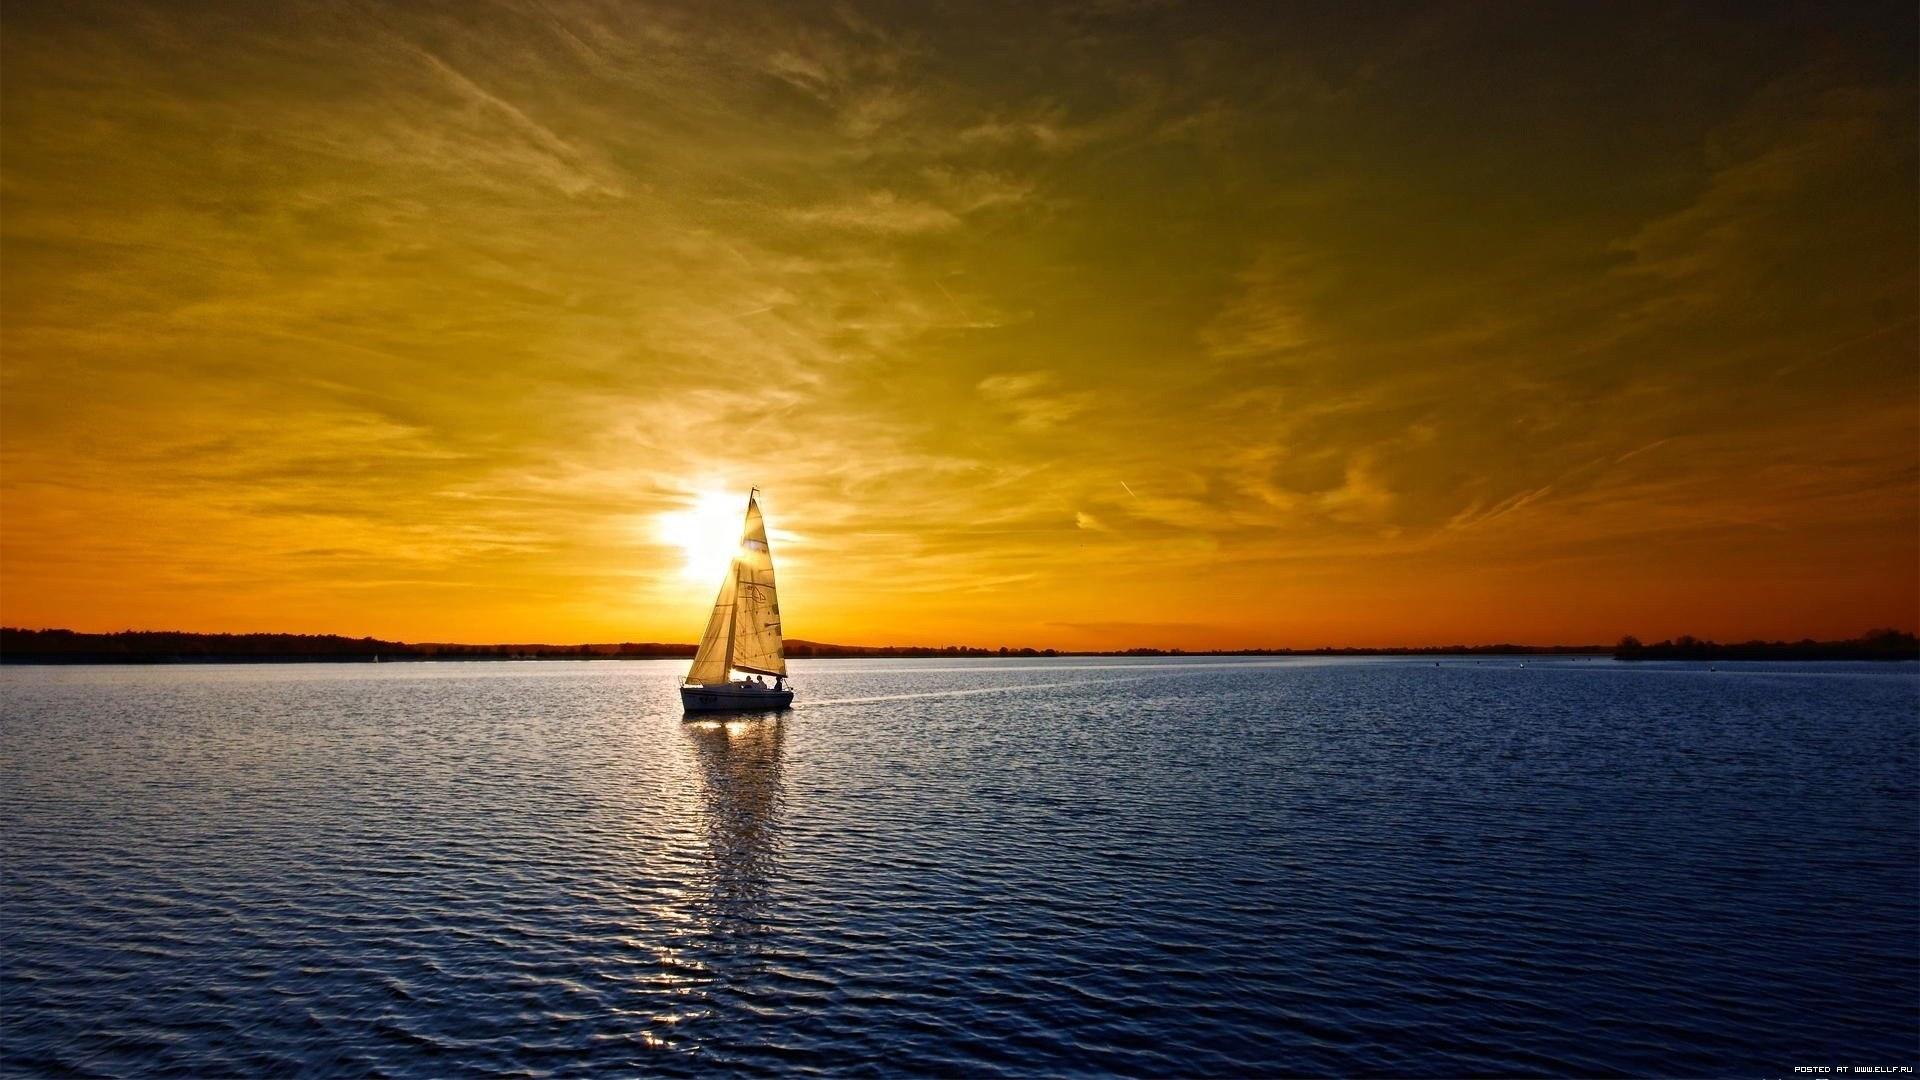 25077 Заставки и Обои Яхты на телефон. Скачать Транспорт, Пейзаж, Река, Закат, Яхты картинки бесплатно